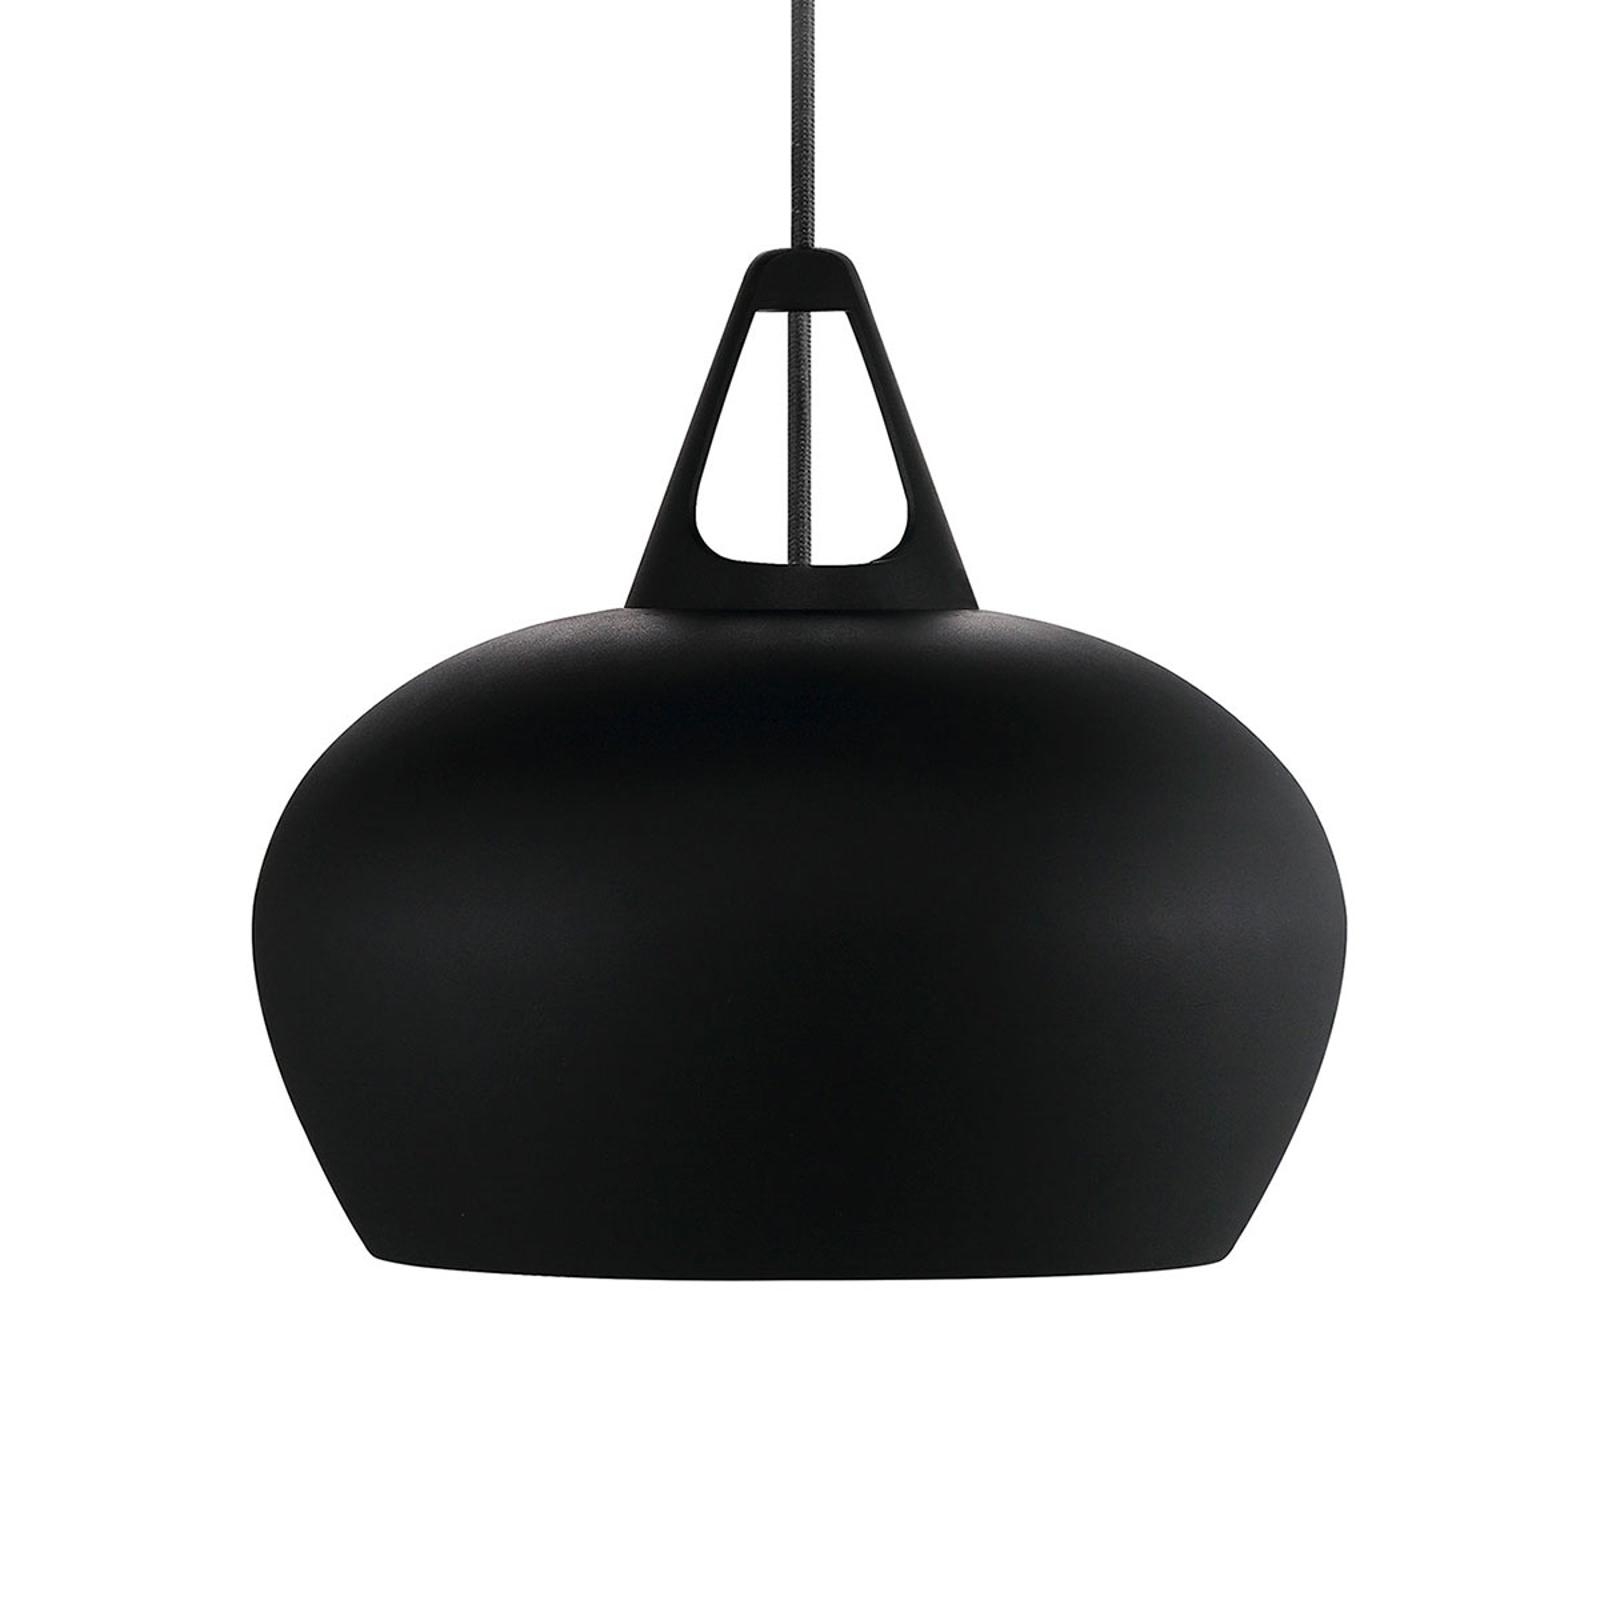 Efektní závěsné světlo Belly, Ø 29 cm